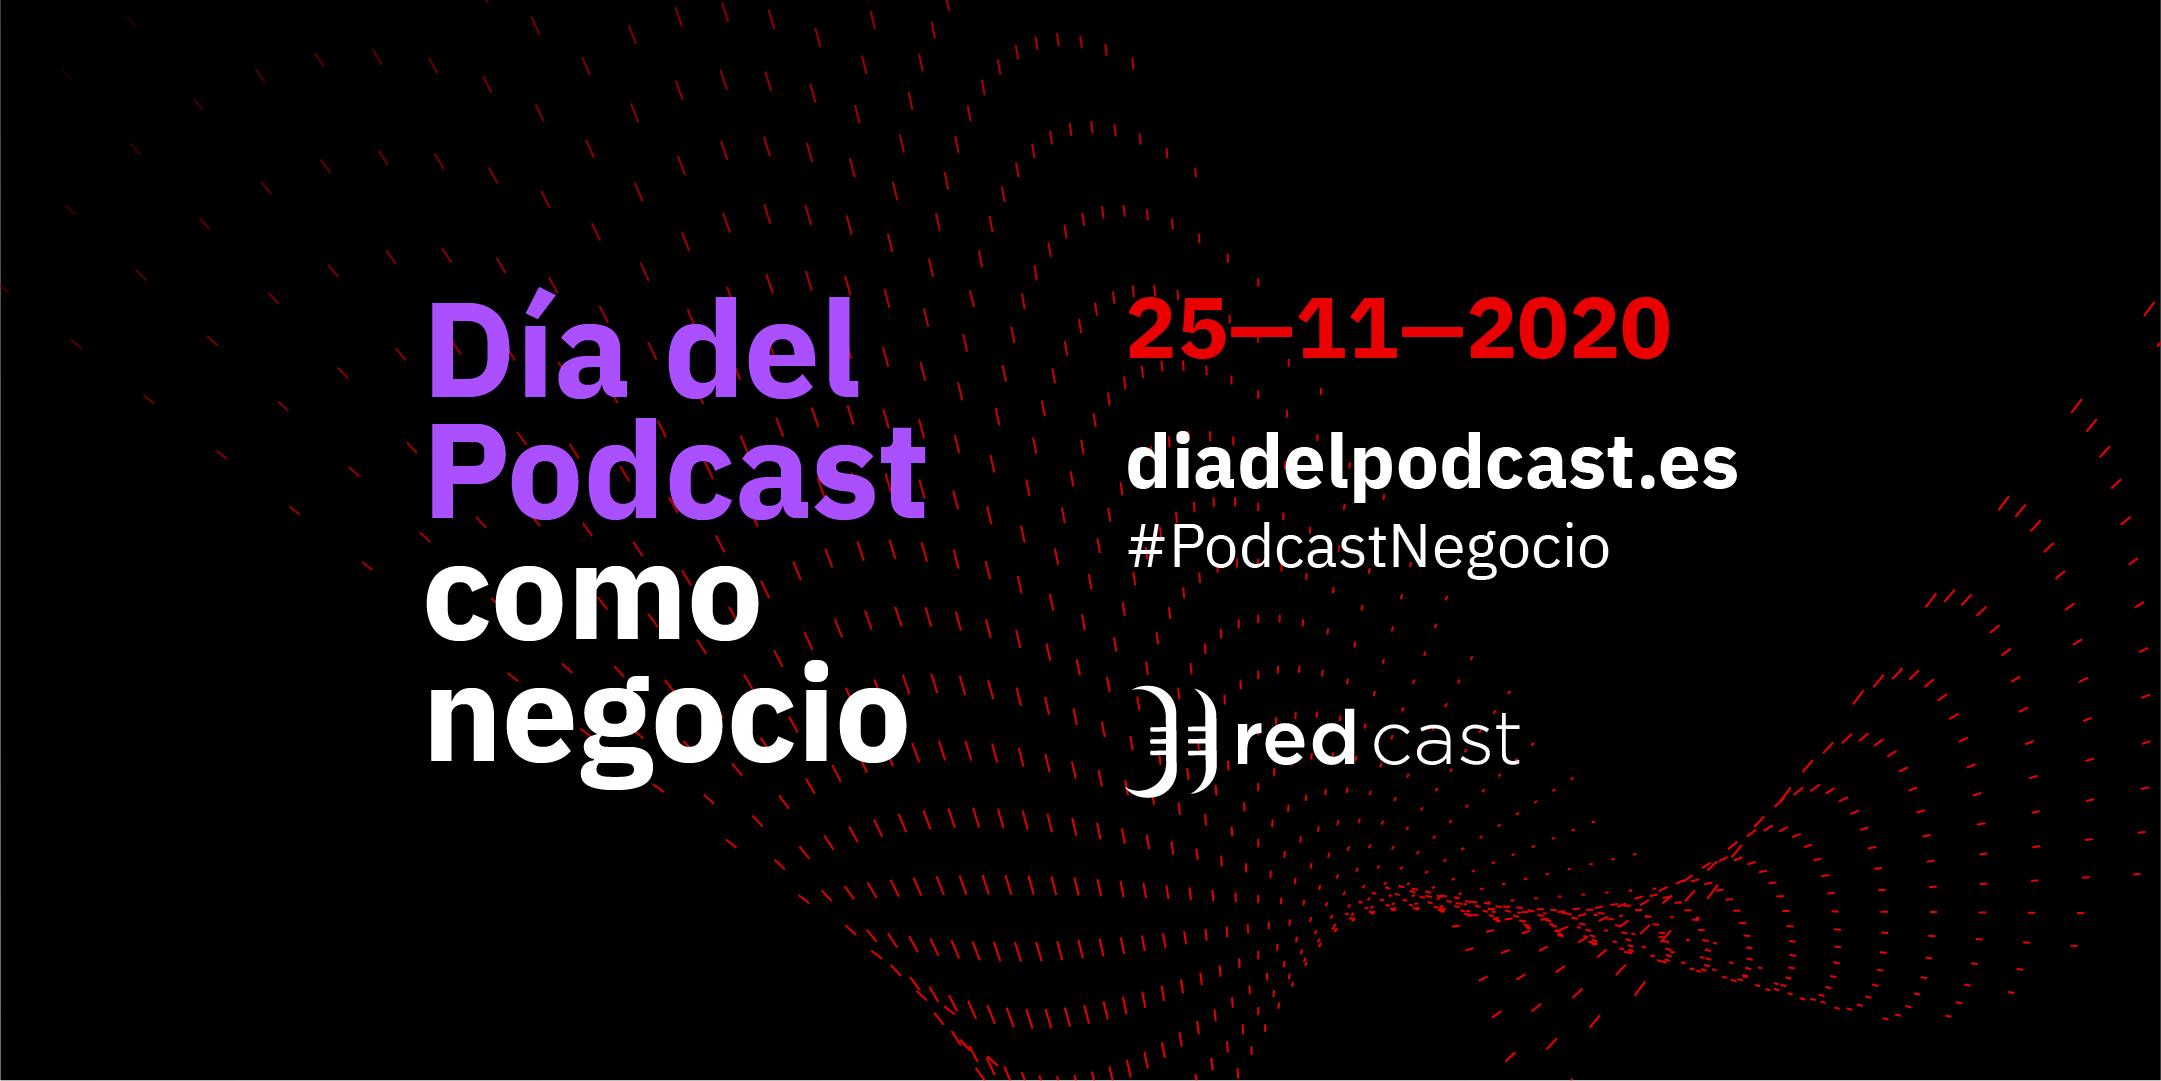 Día del podcast